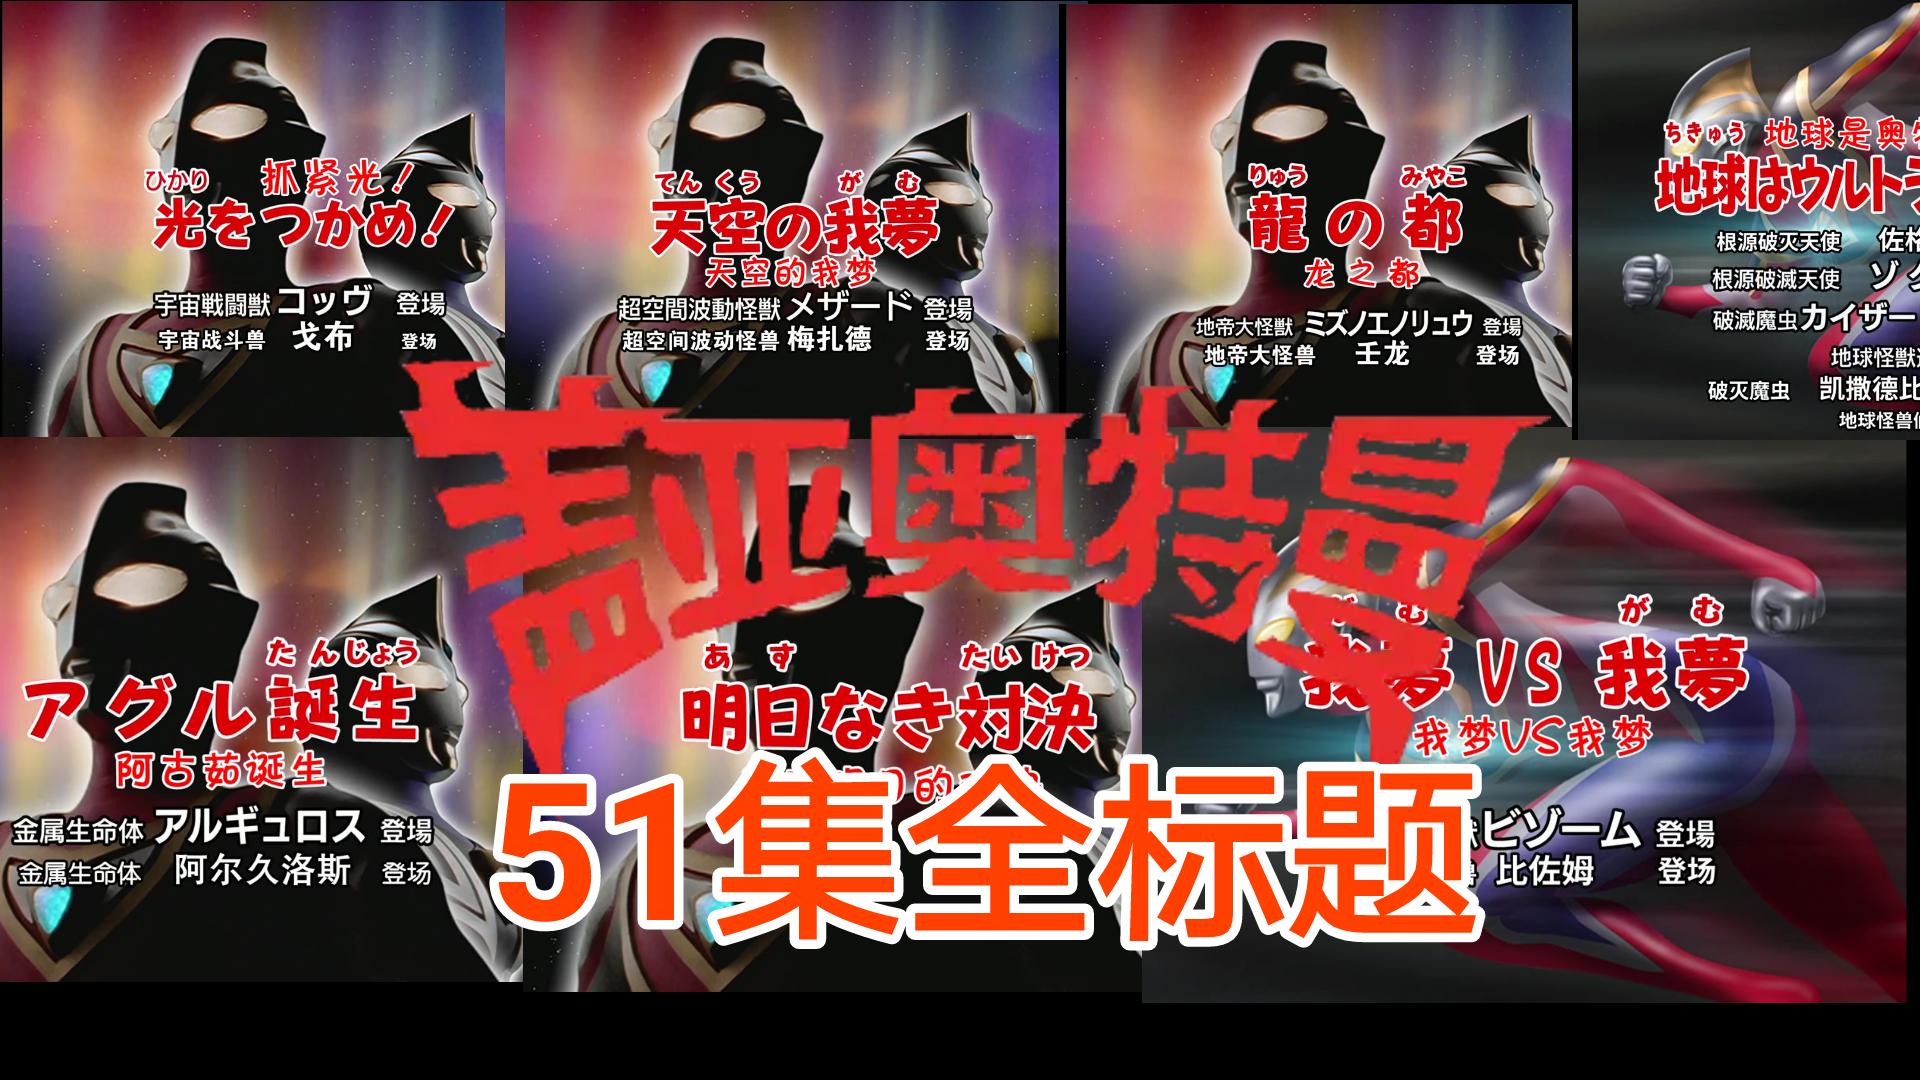 【奥特曼】盖亚奥特曼51集全标题